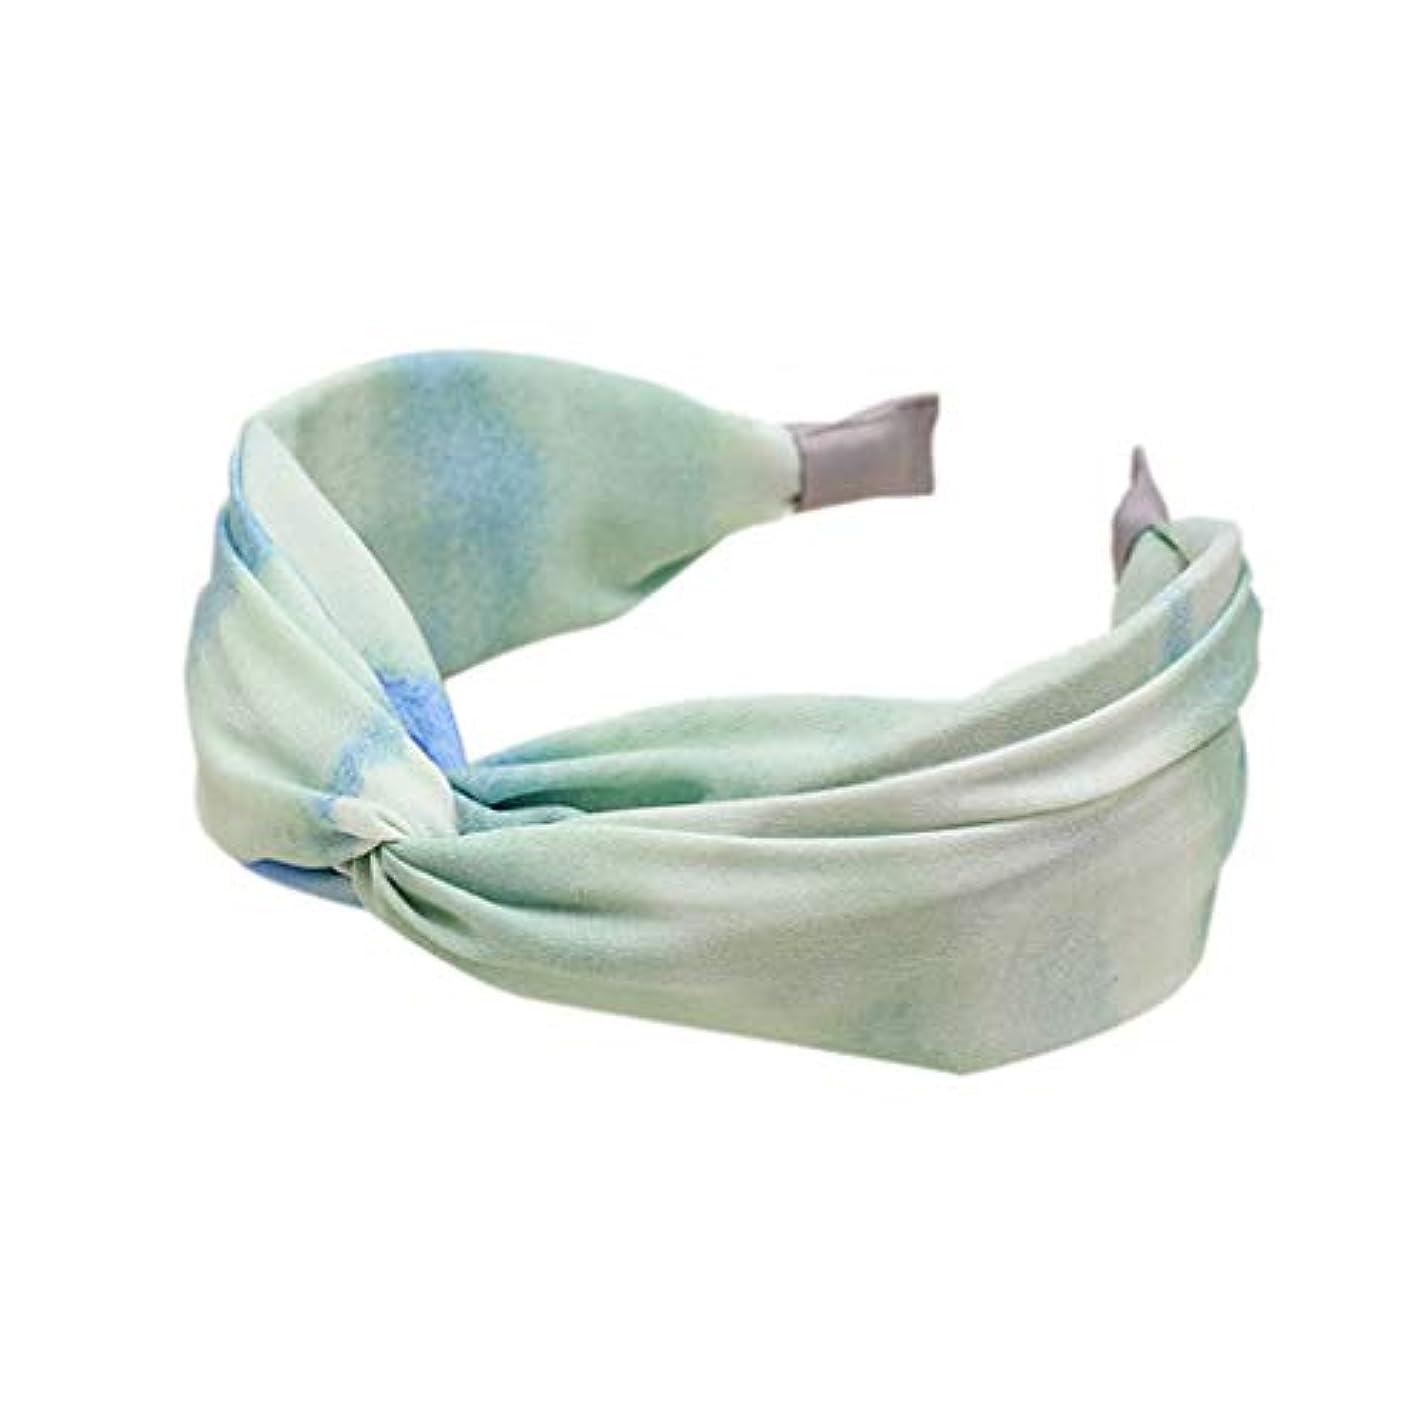 絶滅させる闇たまにManyao 韓国のフレッシュスタイルプリーツワイドヘッドバンド女性甘いネクタイ染料グラデーションカラーヘアフープクロス (緑)